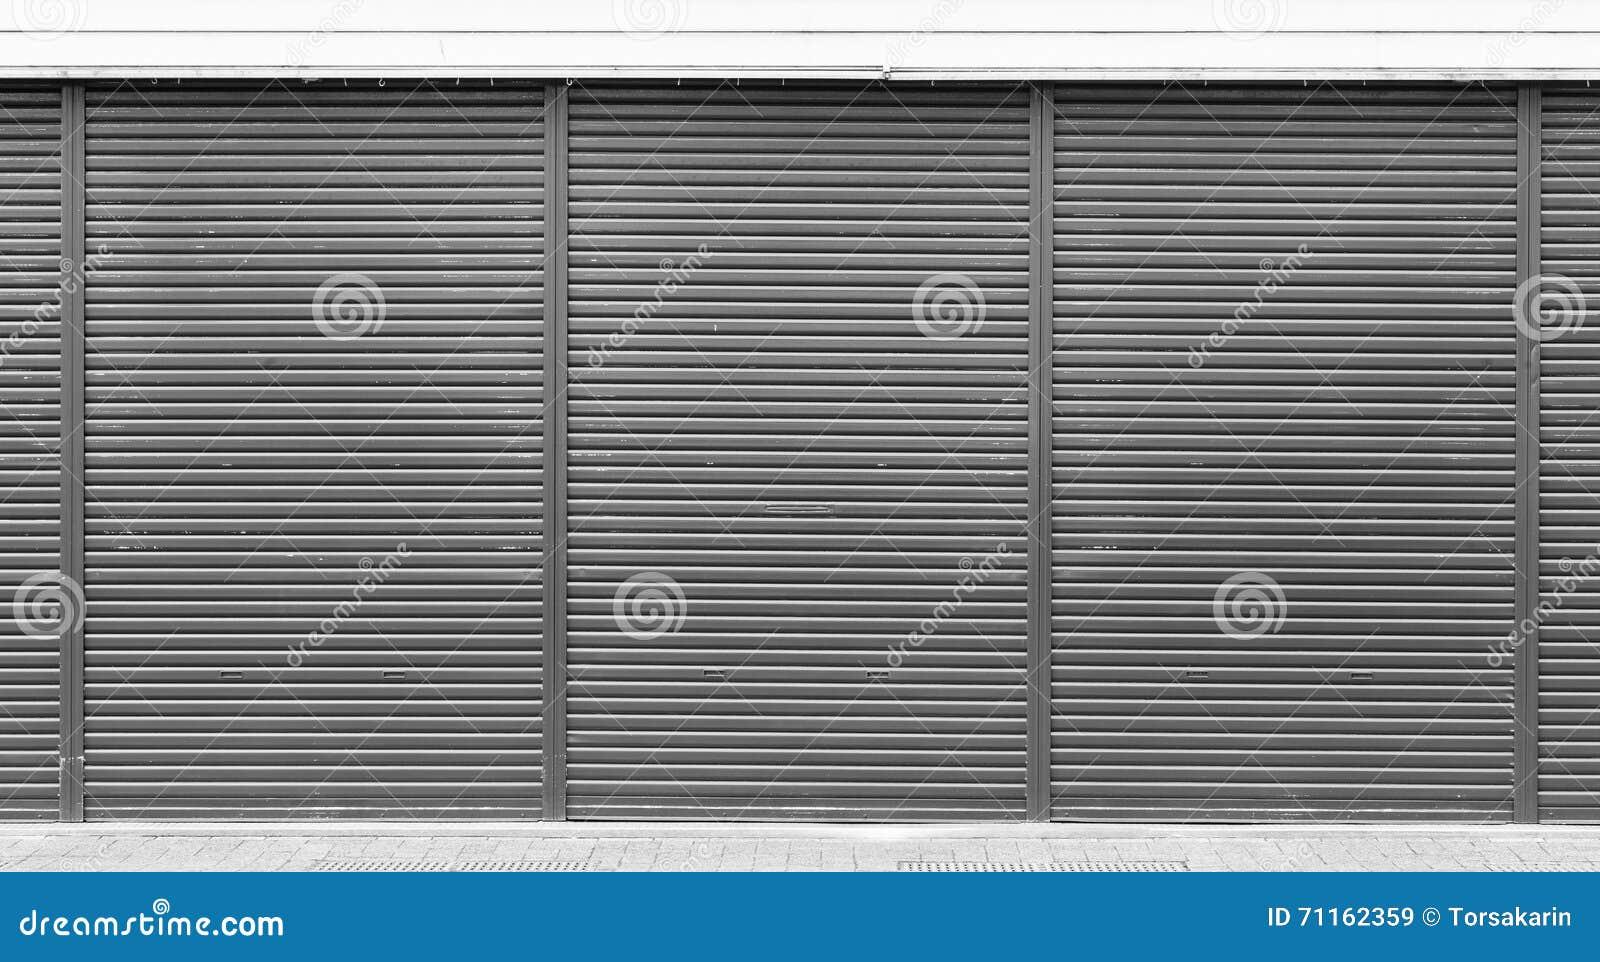 Black Metal Door Shutter Texture Stock Photo Image 71162359. Black Door Texture